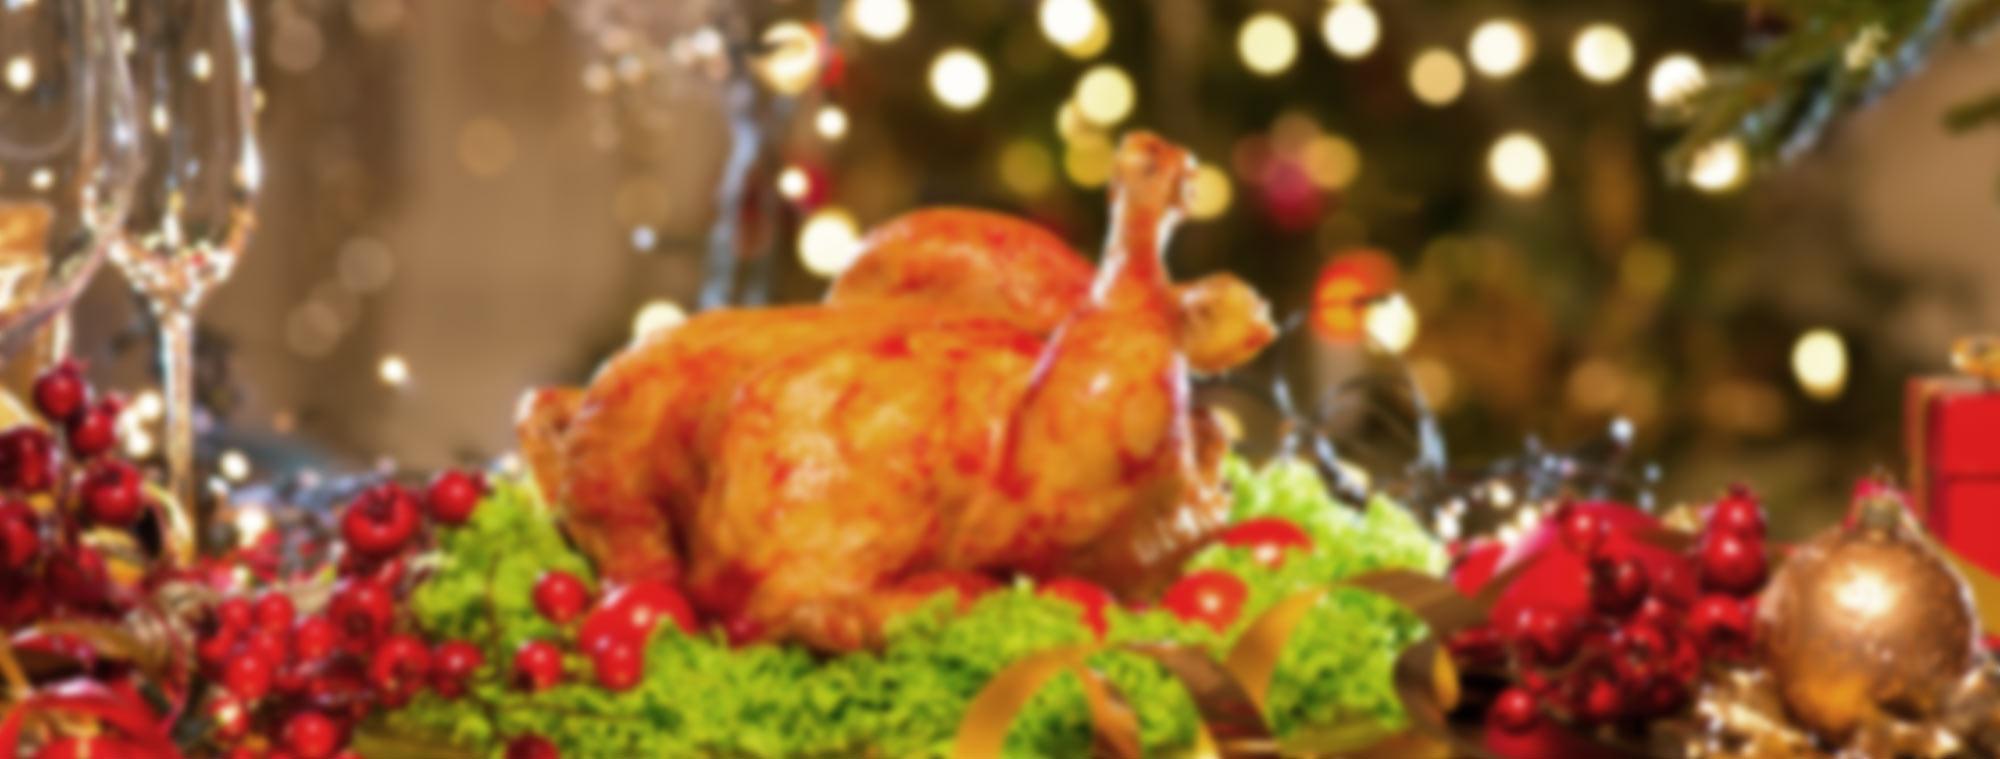 ctaering-hoeppner-weihnachten-angebote